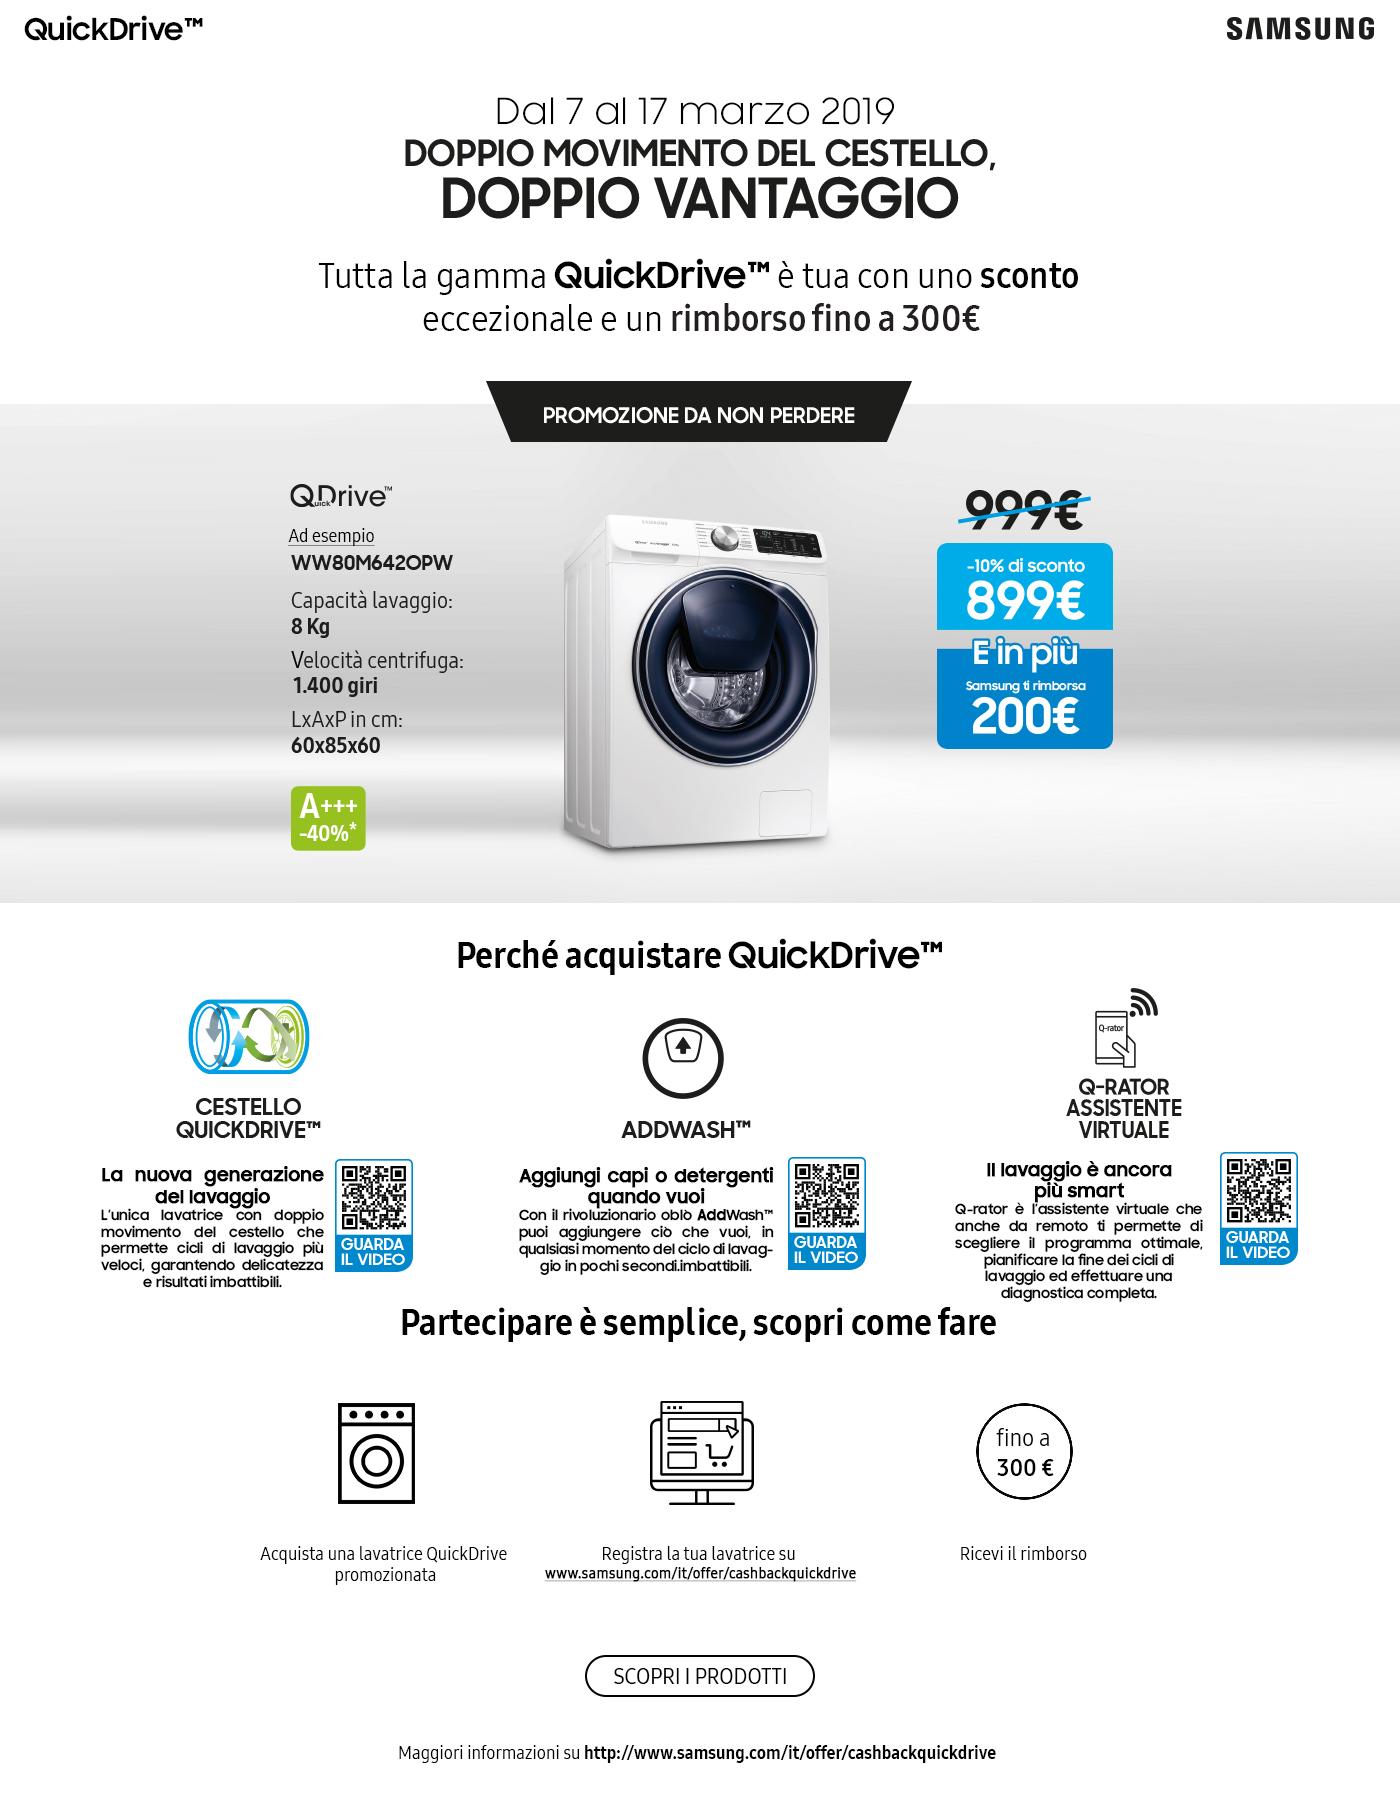 Rimborso fino a 300 € con Samsung QuickDrive